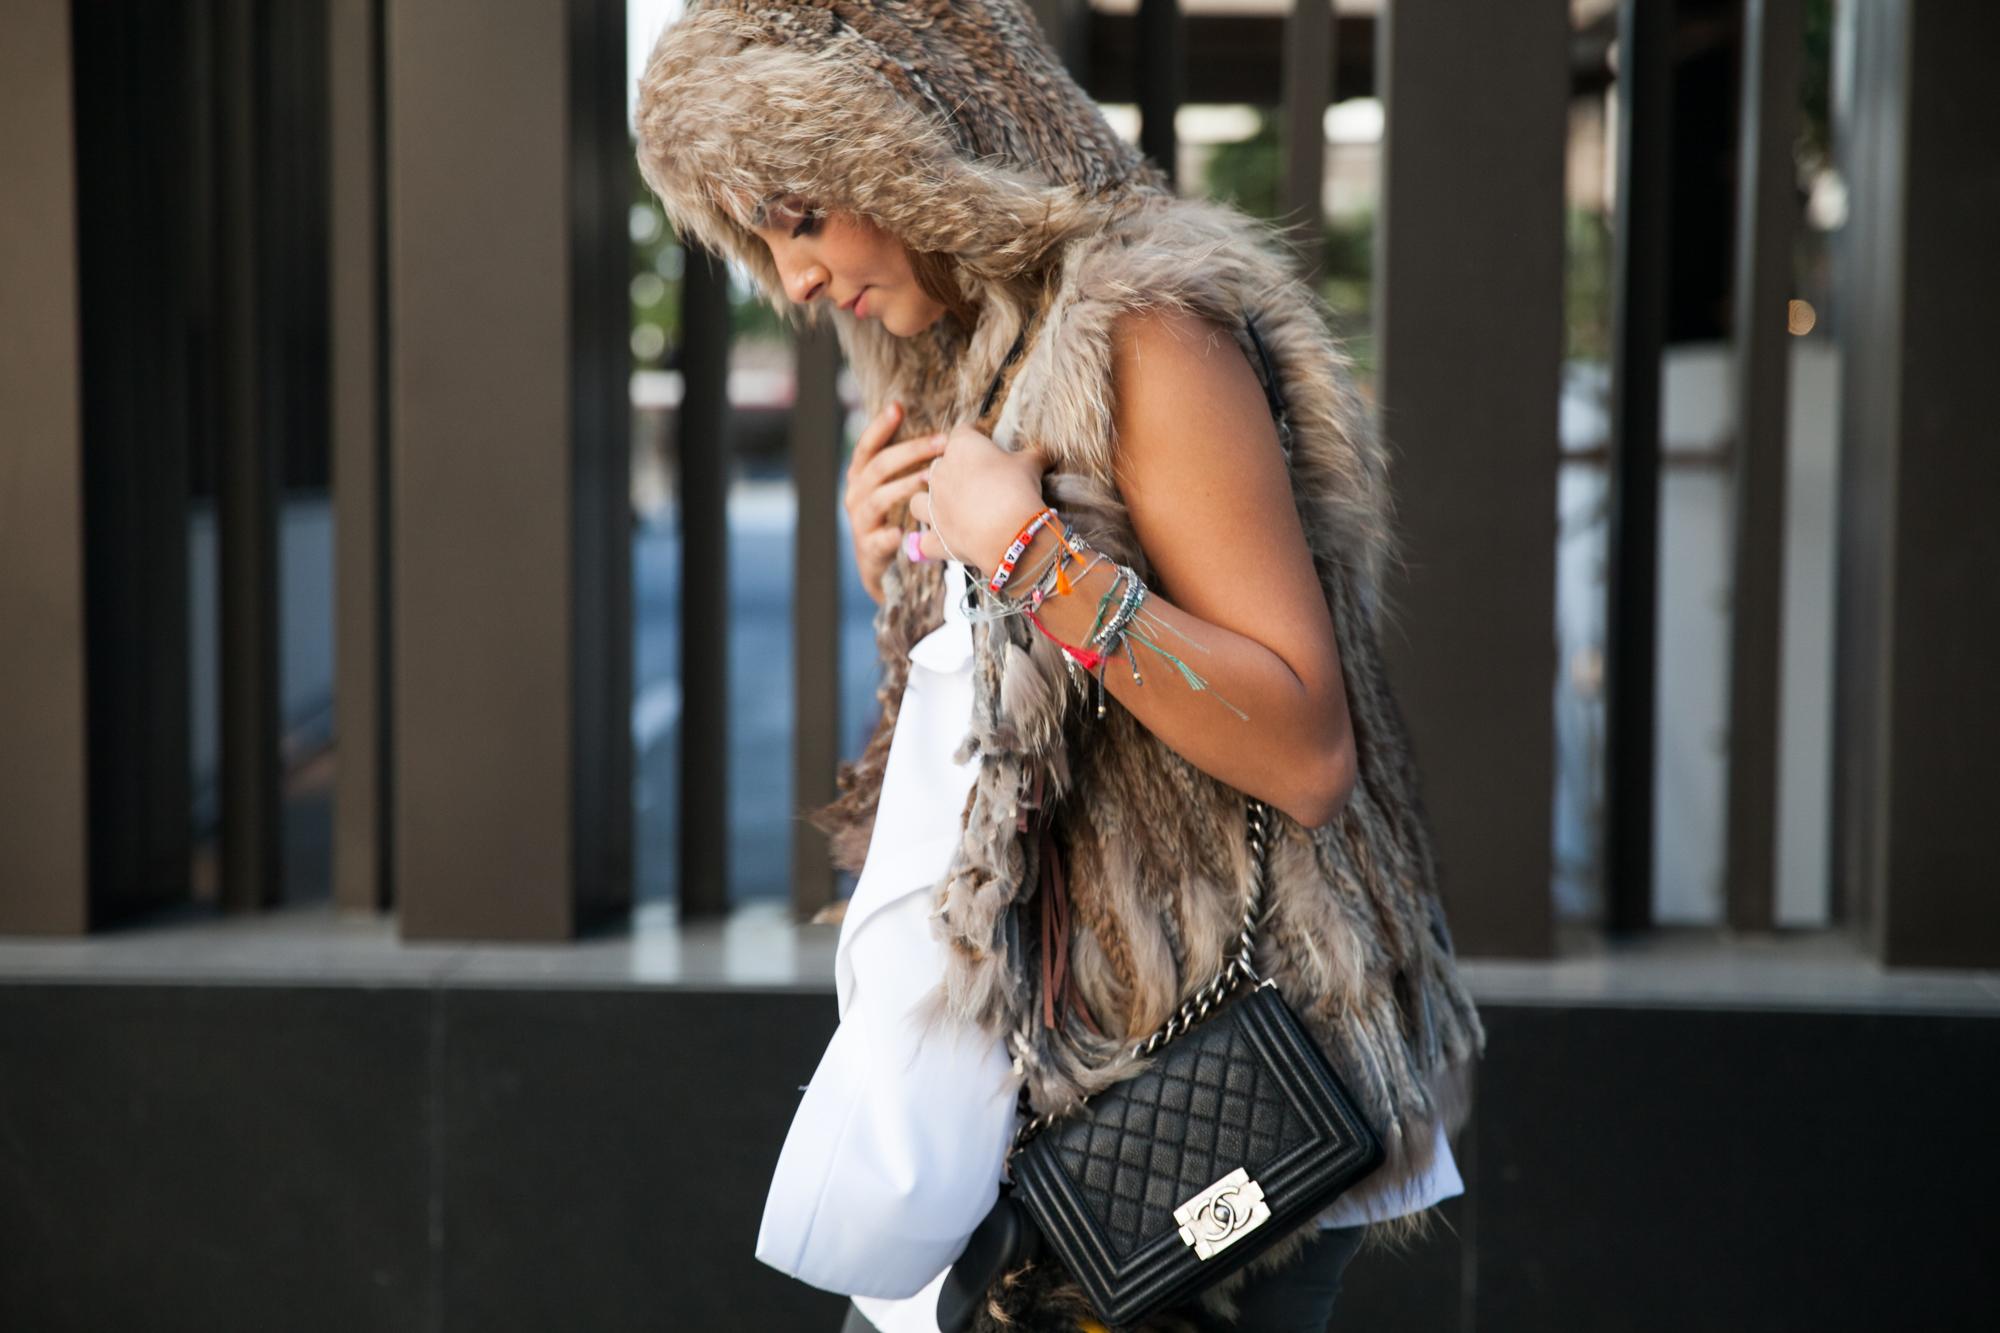 dubai winter fashion